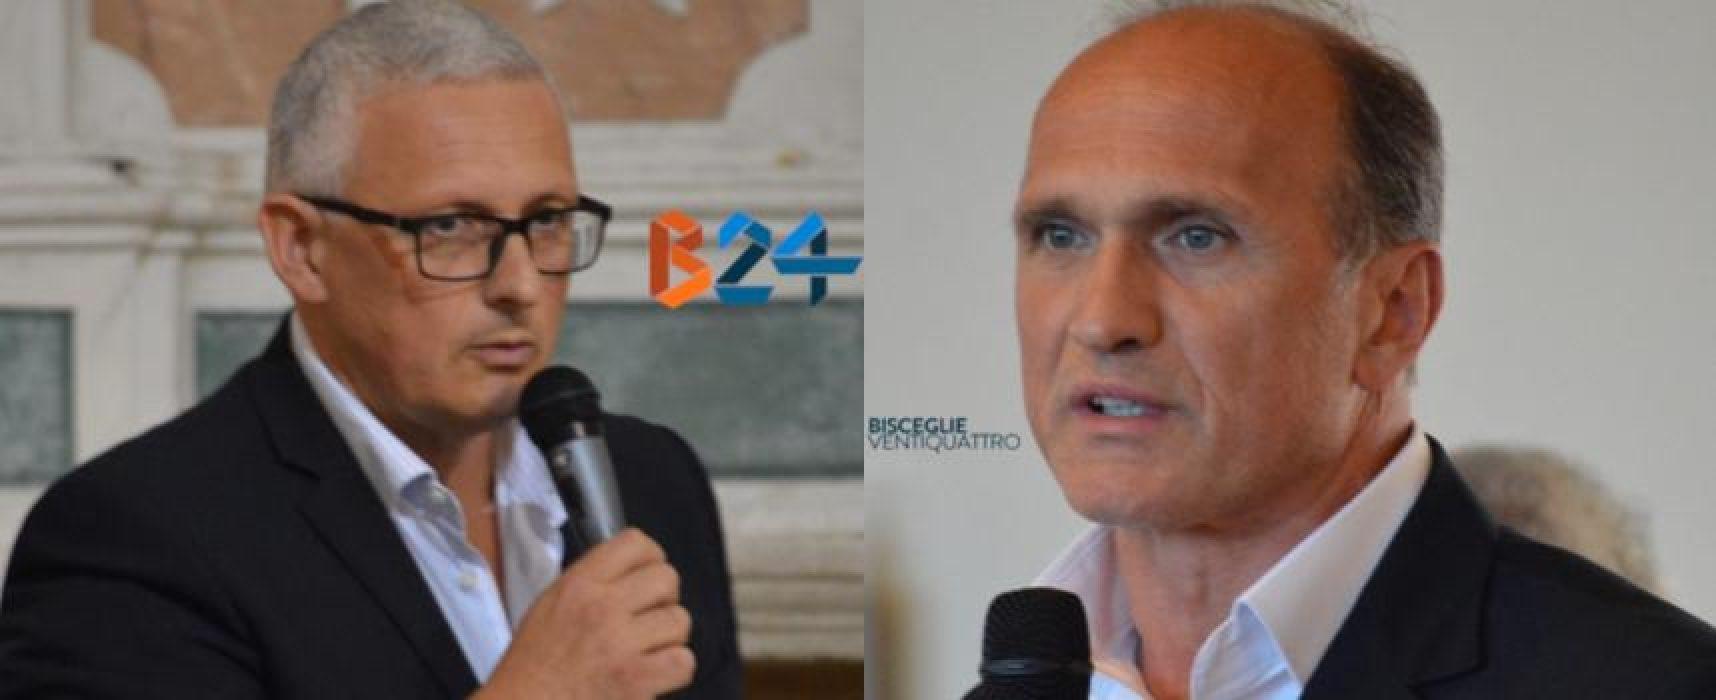 """Comune Riciclone, M5S: """"I conti non tornano ancora"""". La risposta di Consiglio"""